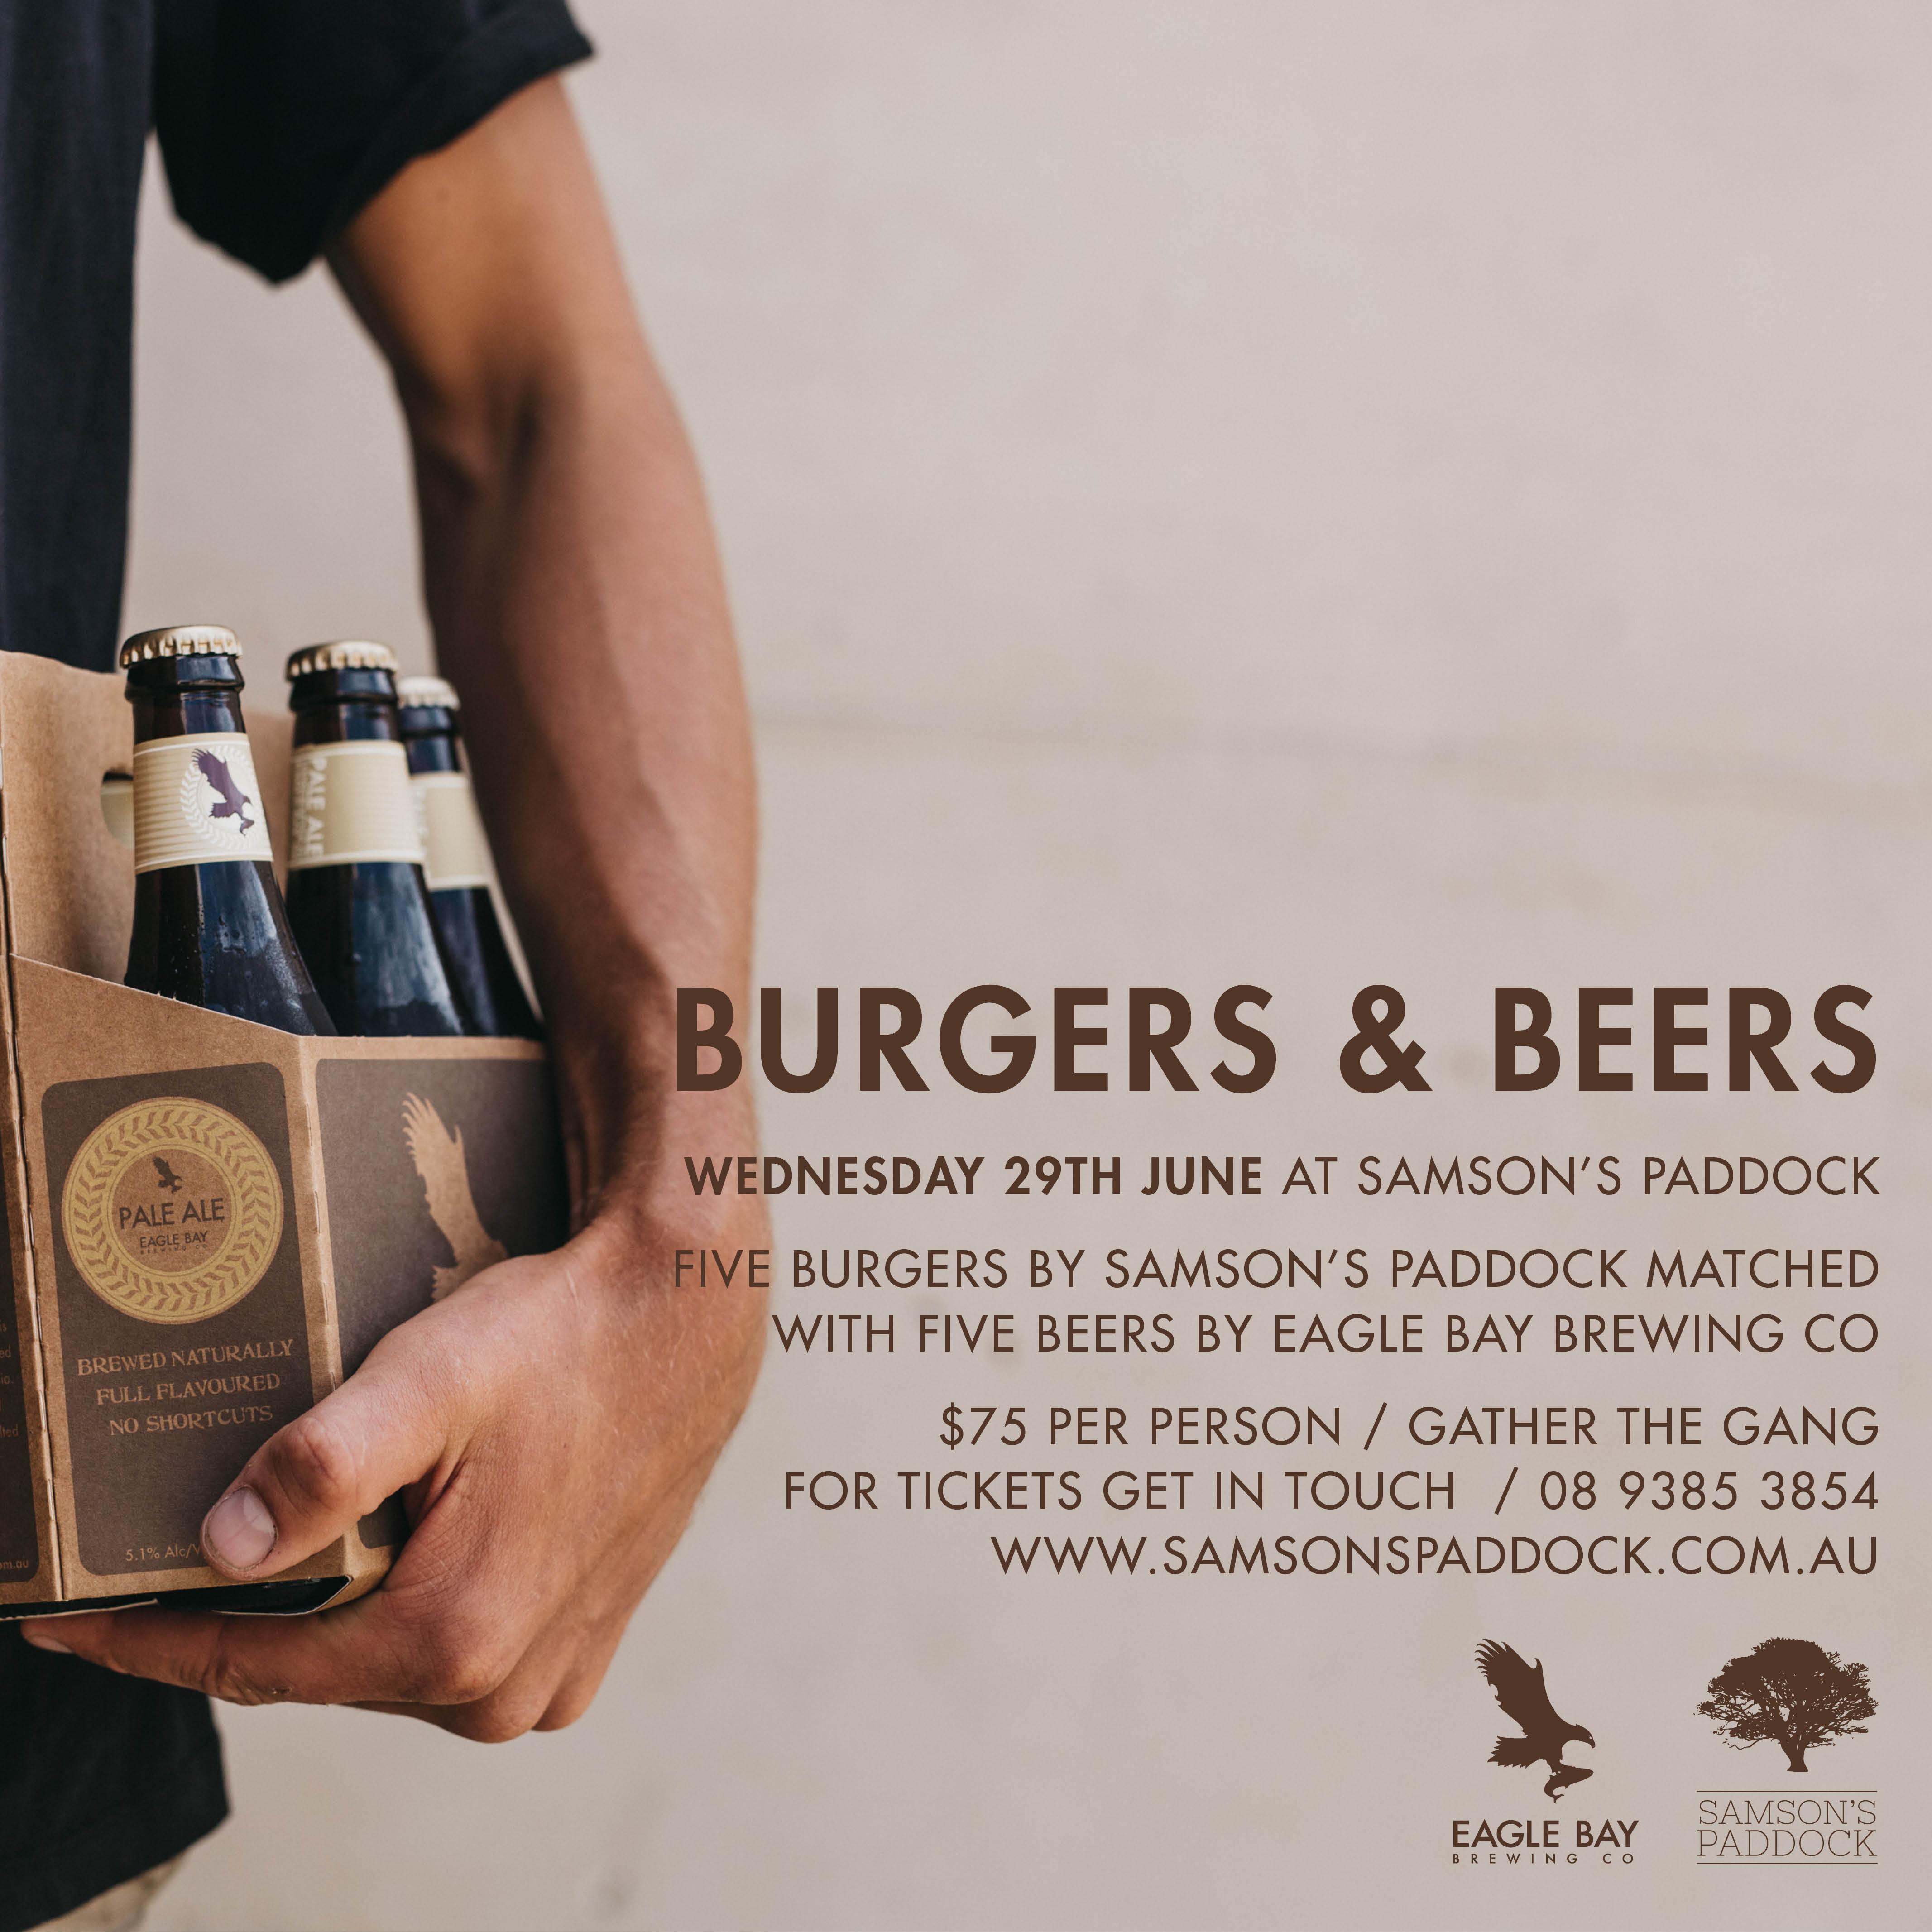 Eagle Bay Beer & Burger Promo